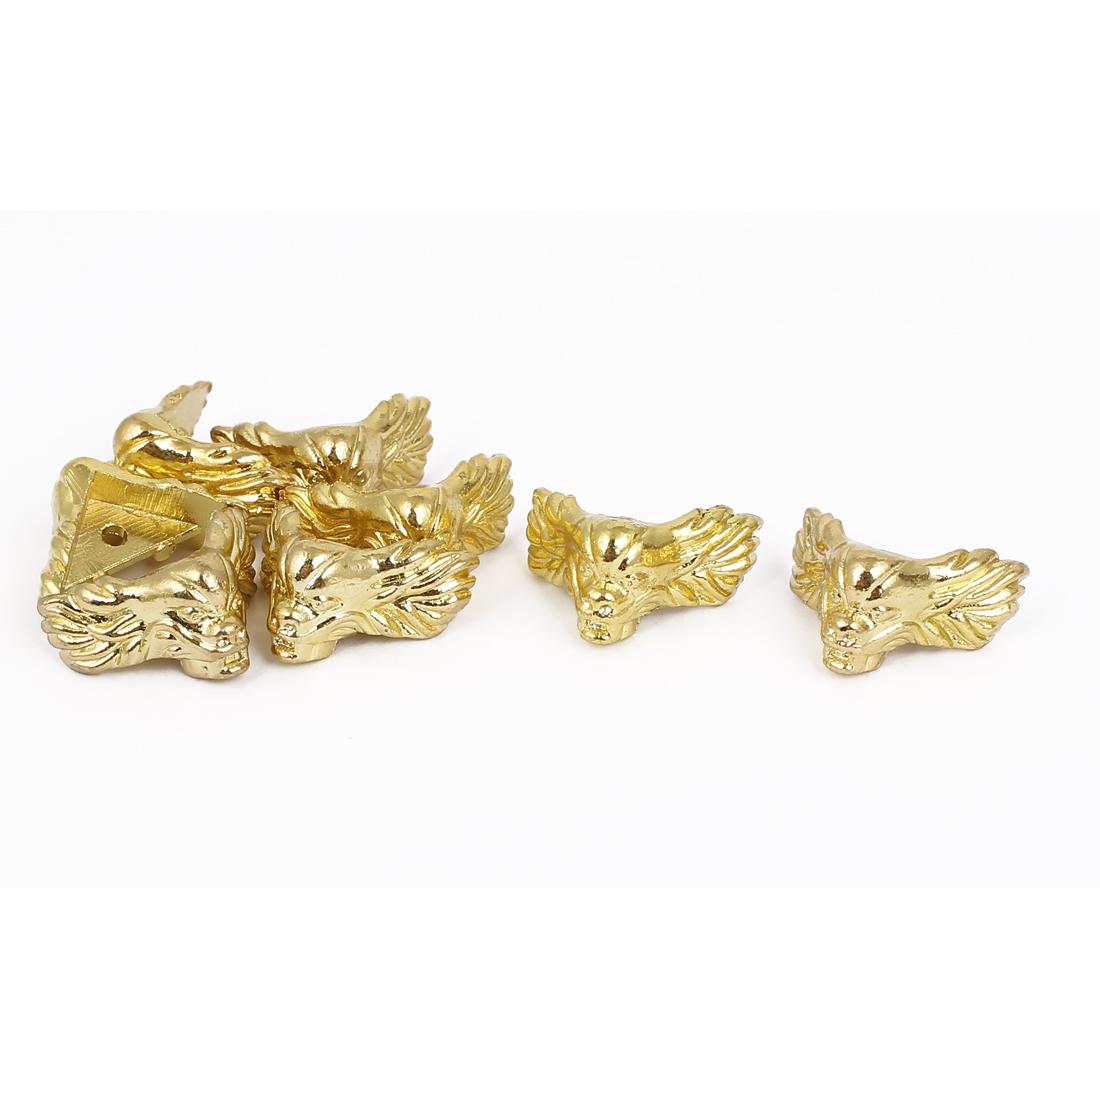 Metal Decorative Box Corner Protector Guard Gold Tone 8pcs